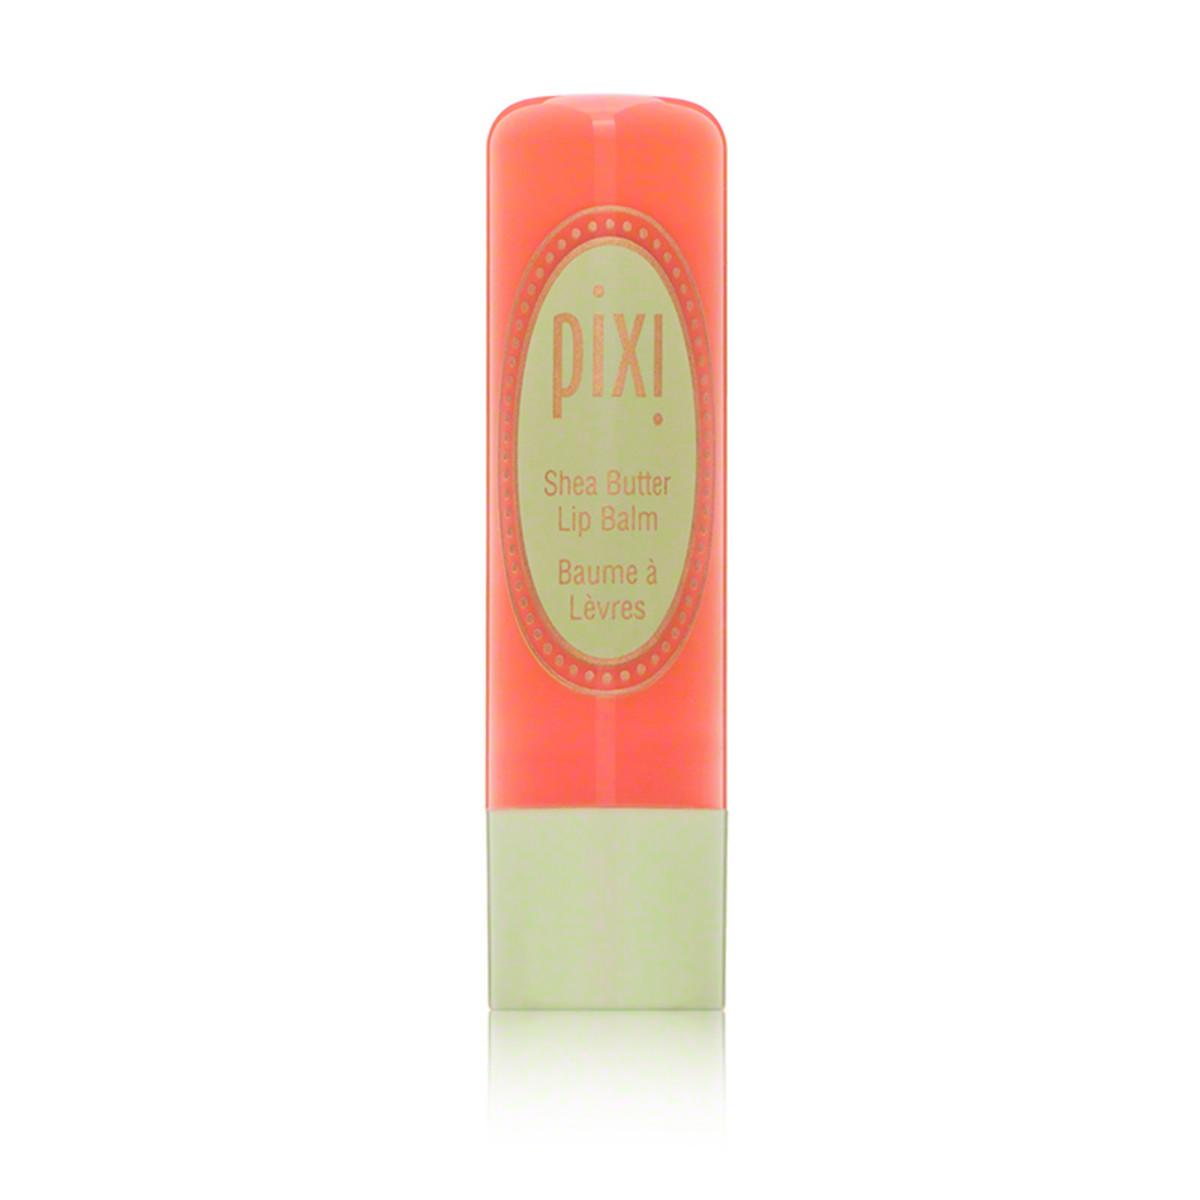 Pixi Shea Butter Lip Balm in Coral Crush